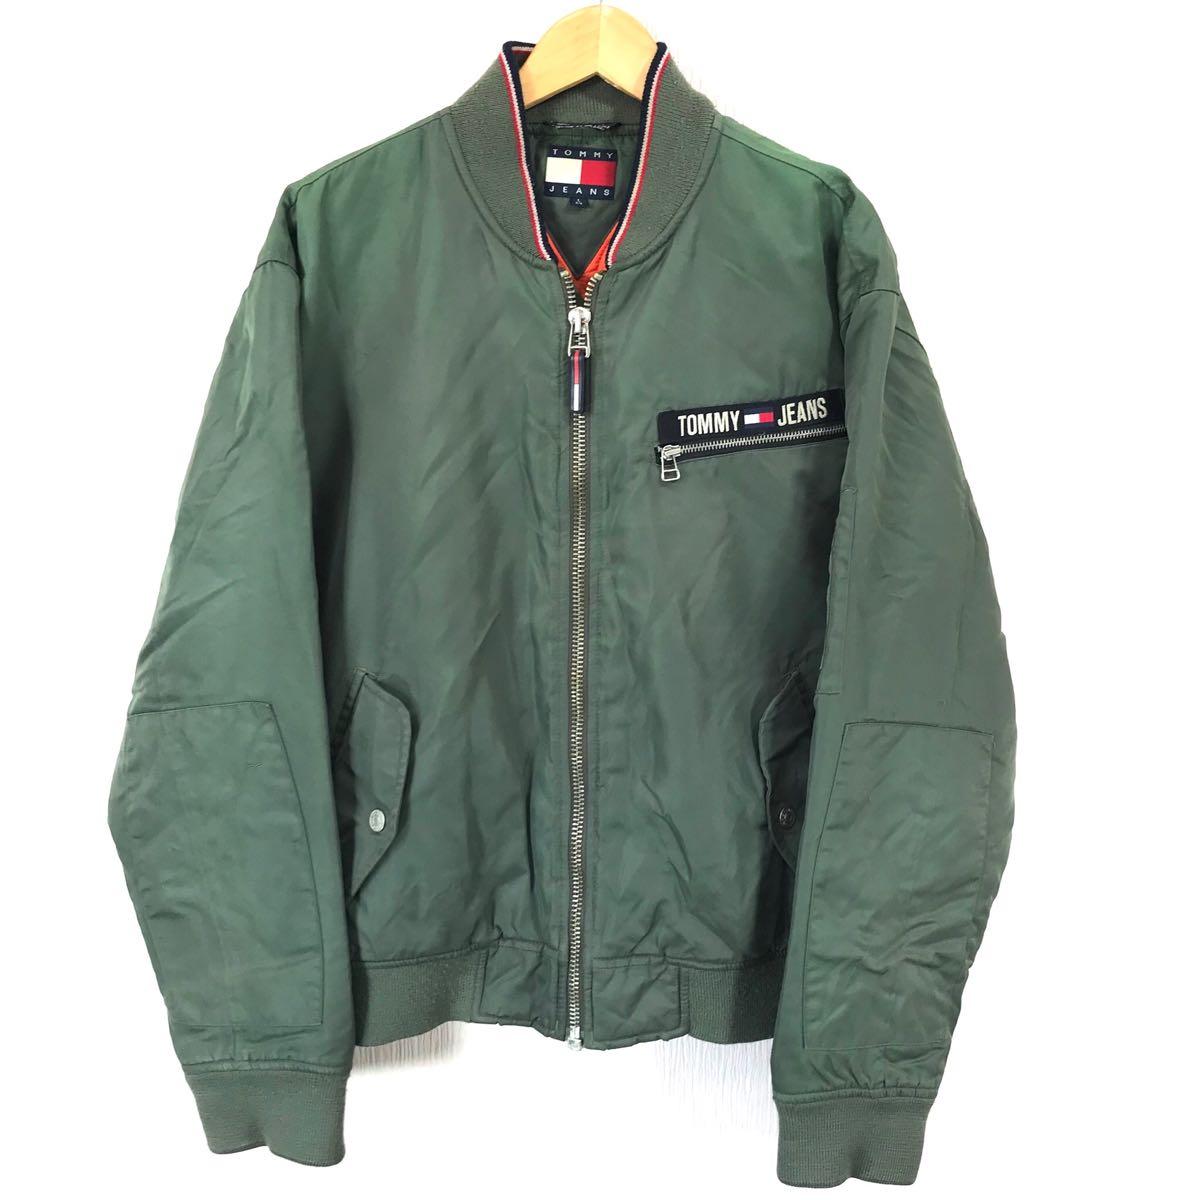 激レア 状良 90s トミージーンズ MA-1 L 緑 オリーブ HIPHOP ラップ ダンサー ストリート 三代目 Jソウル パブロウ スヌープドッグ pablow